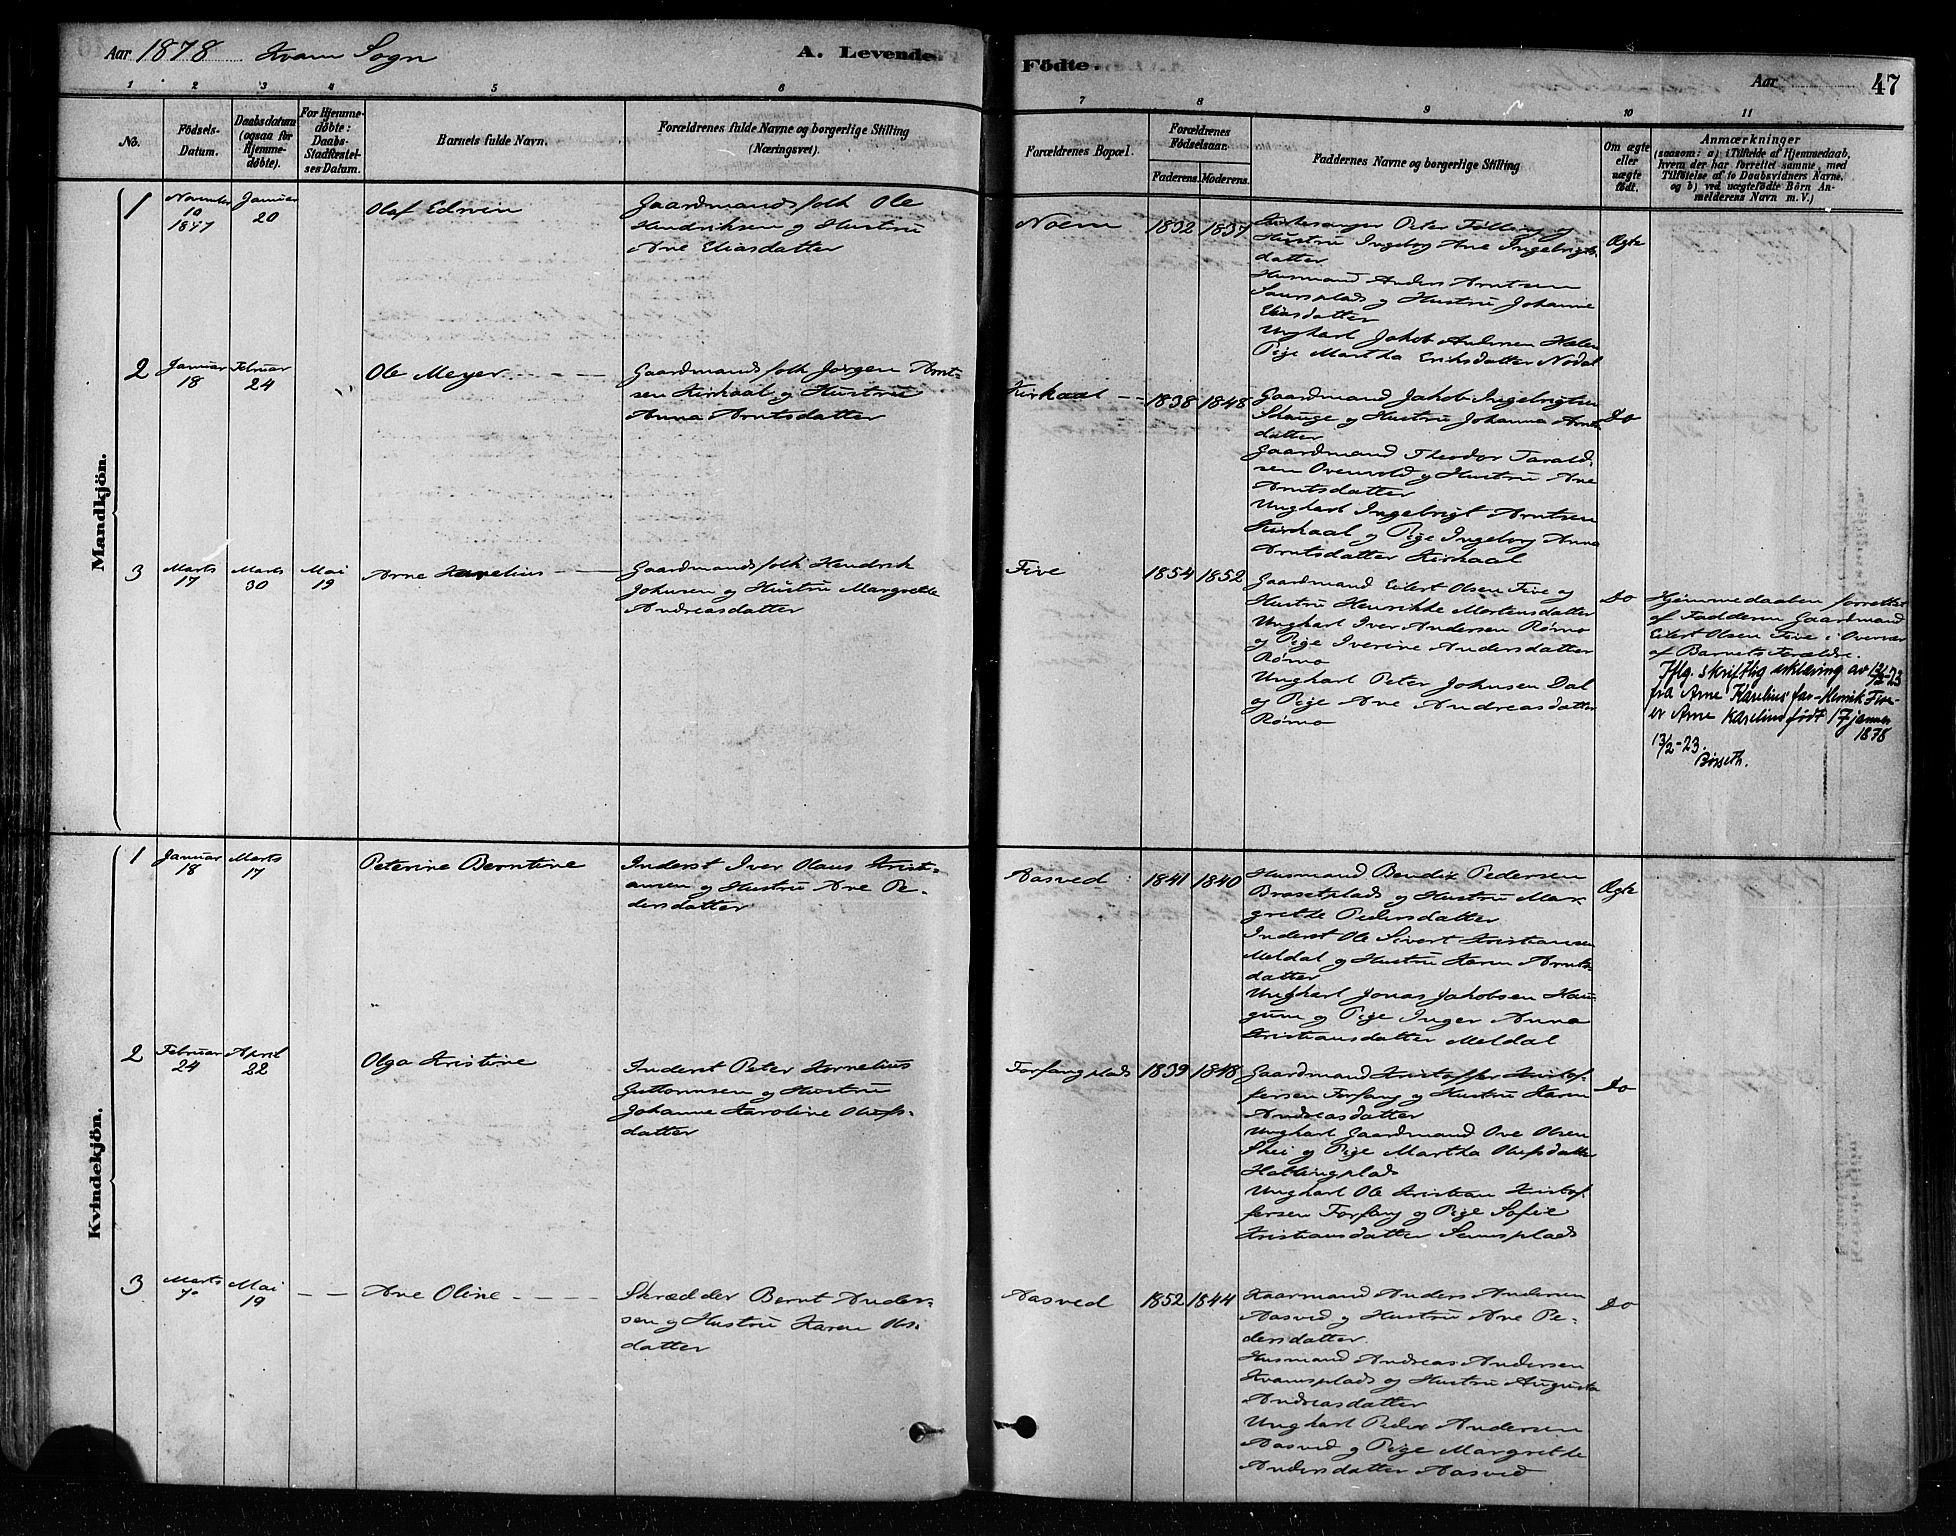 SAT, Ministerialprotokoller, klokkerbøker og fødselsregistre - Nord-Trøndelag, 746/L0449: Ministerialbok nr. 746A07 /2, 1878-1899, s. 47